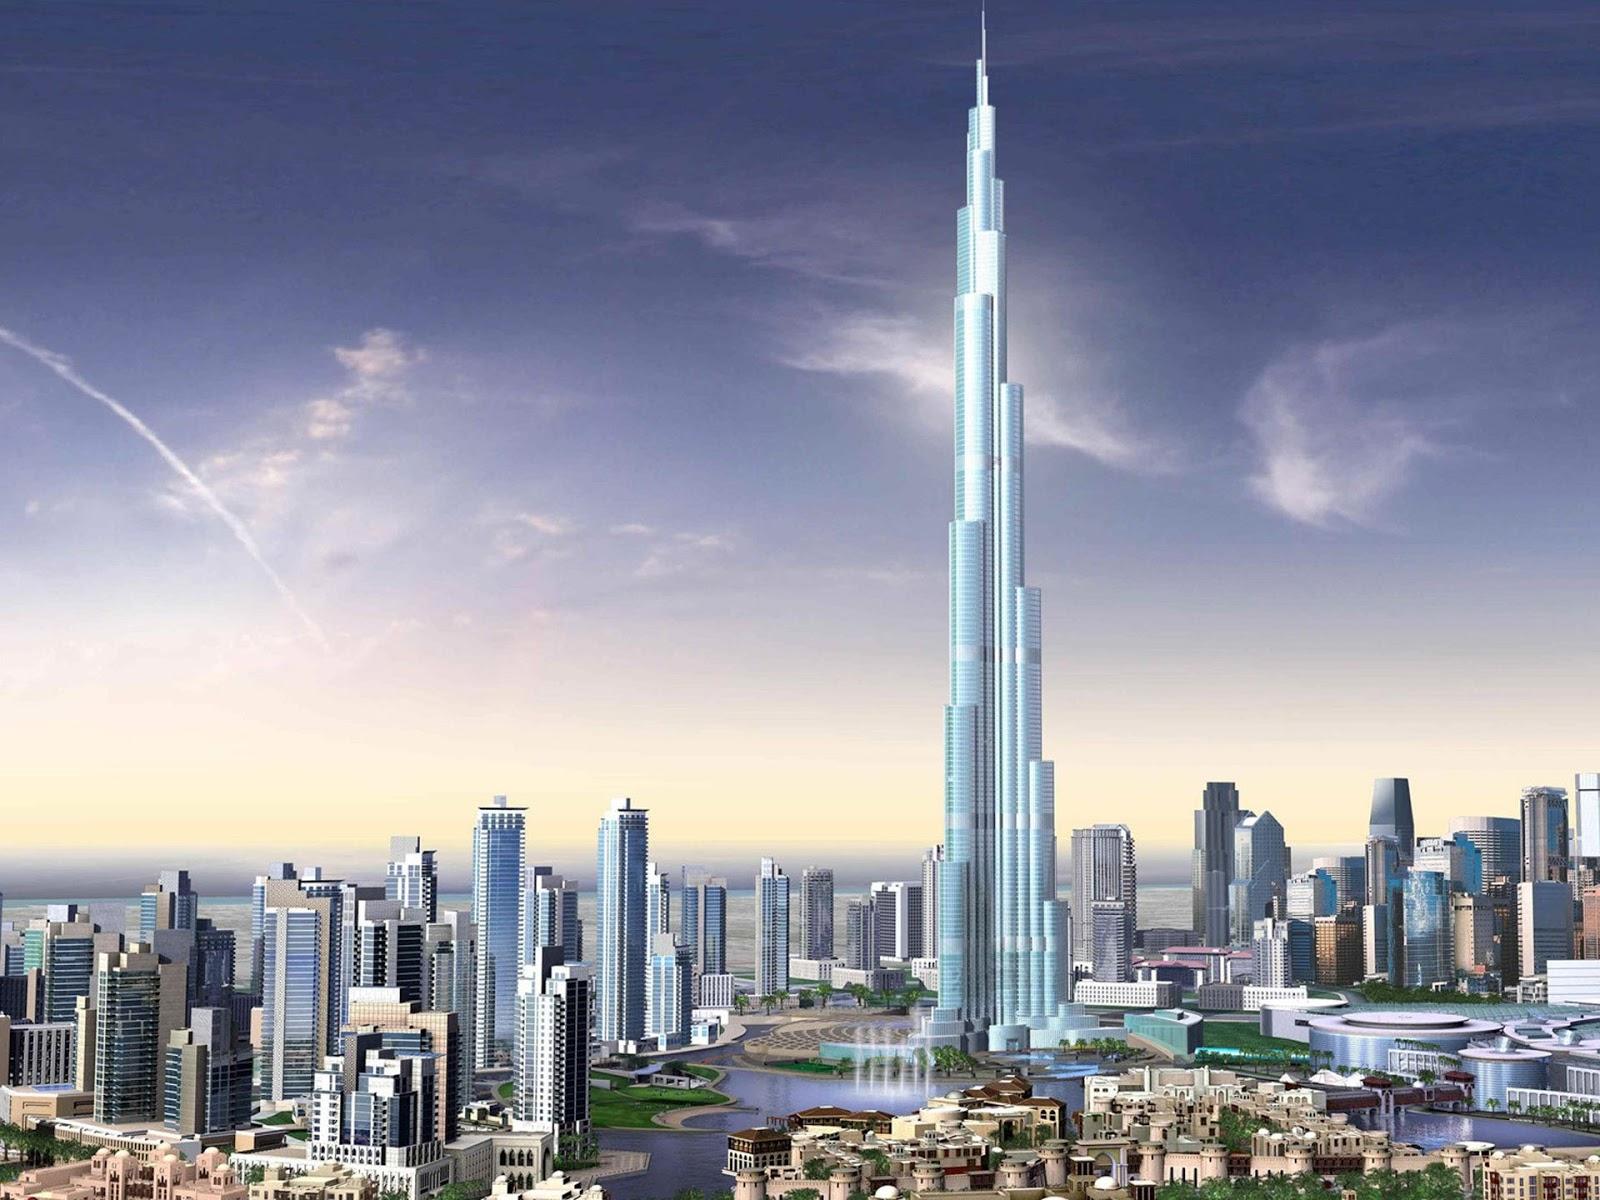 Burj Khalifa Fresh HD Wallpaper 2013 World HD Wallpapers 1600x1200